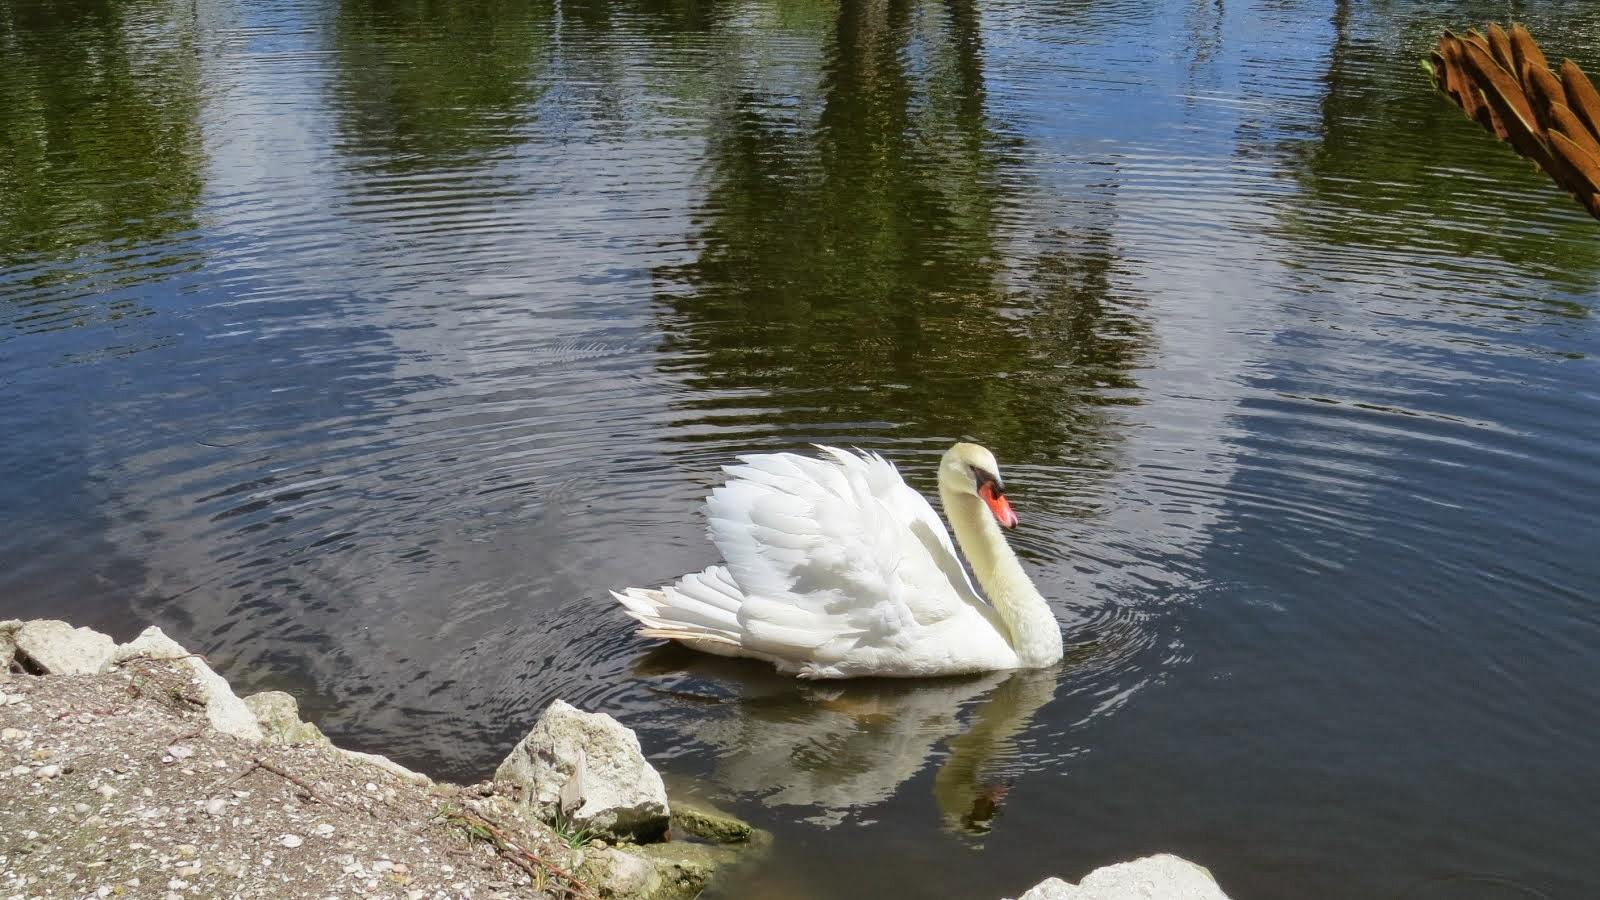 Swan in Periwinkle Park